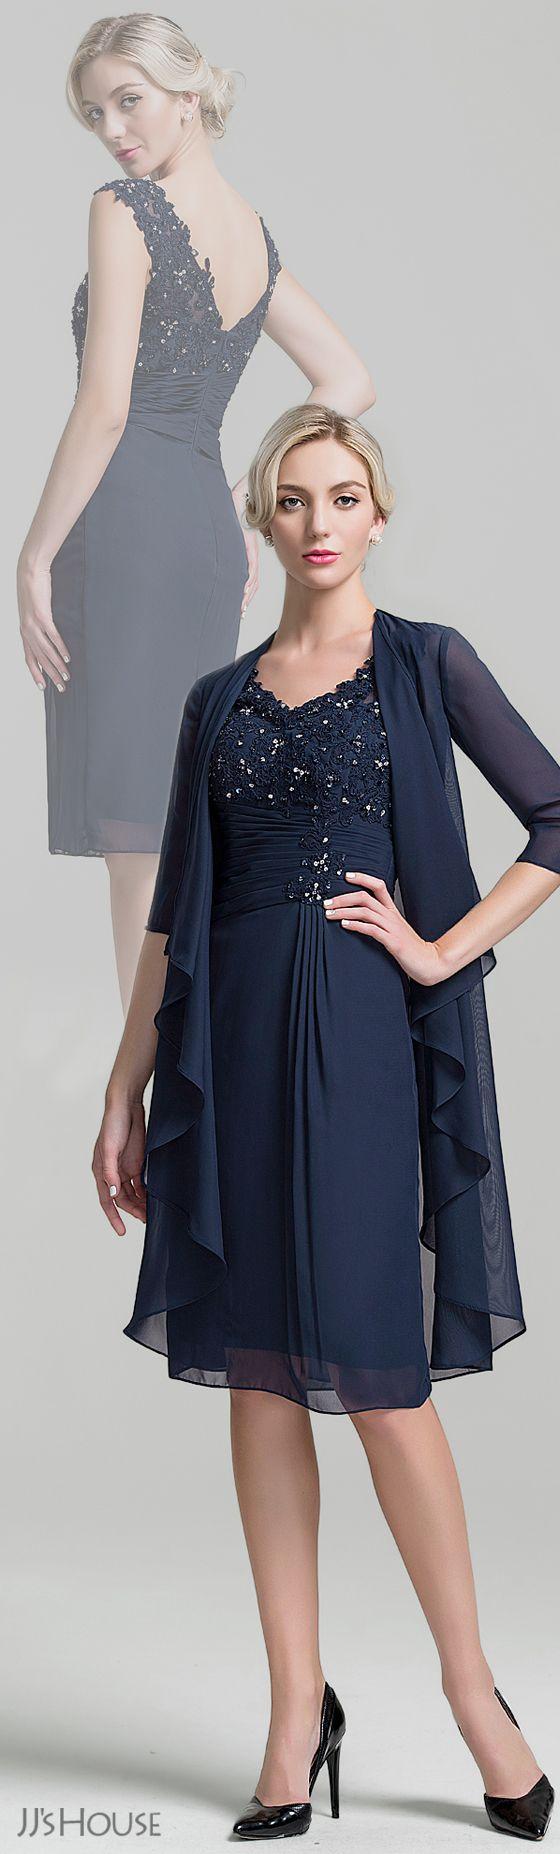 mom yoly dress option 2 #JJsHouse #Mother